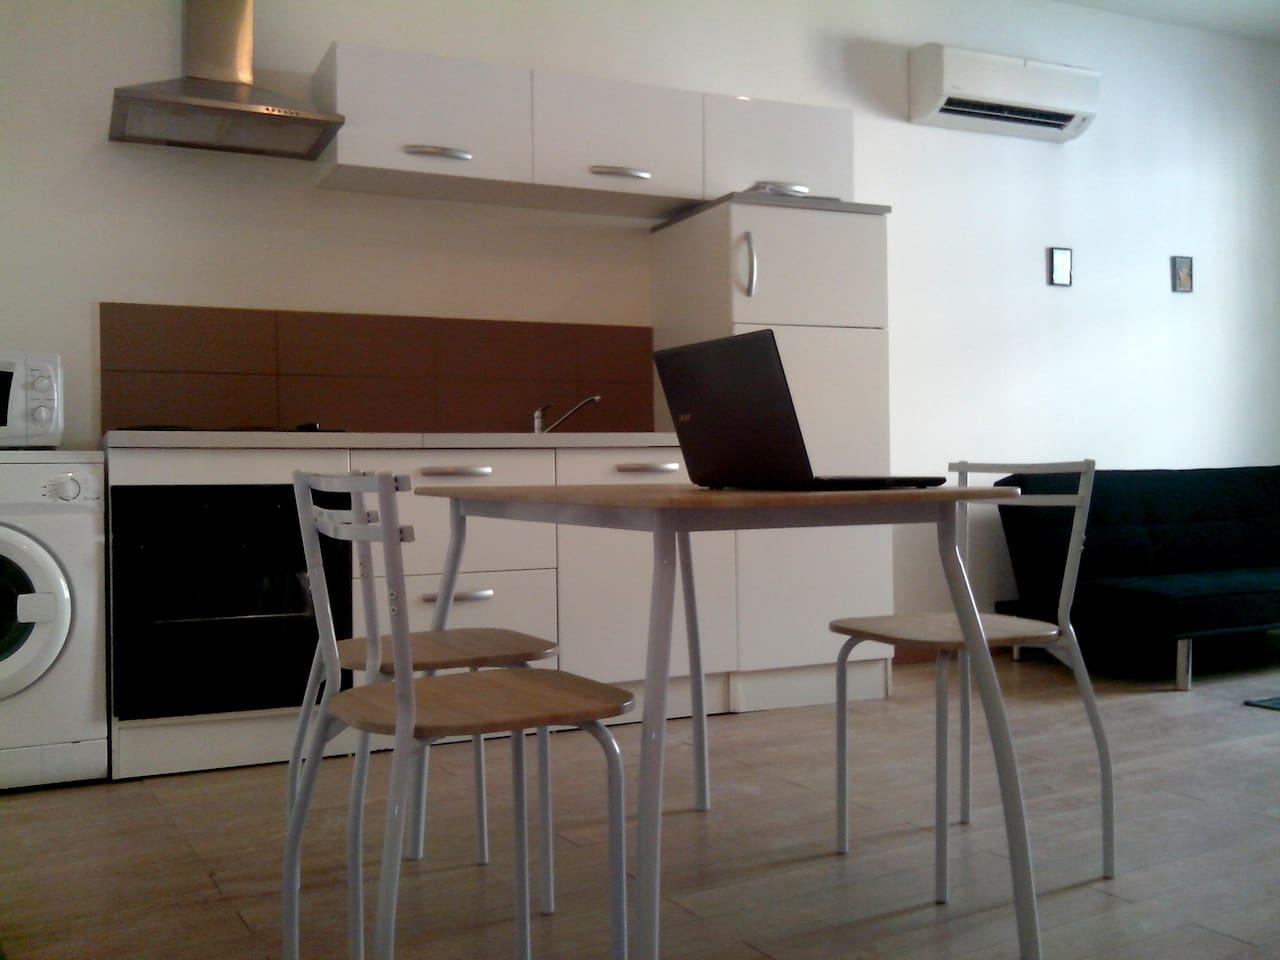 Appartement 50 m2 - wifi en centre ville de Perpignan.  Parquet bois, table et chaises, lave-linge, micro-onde, frigo familial.